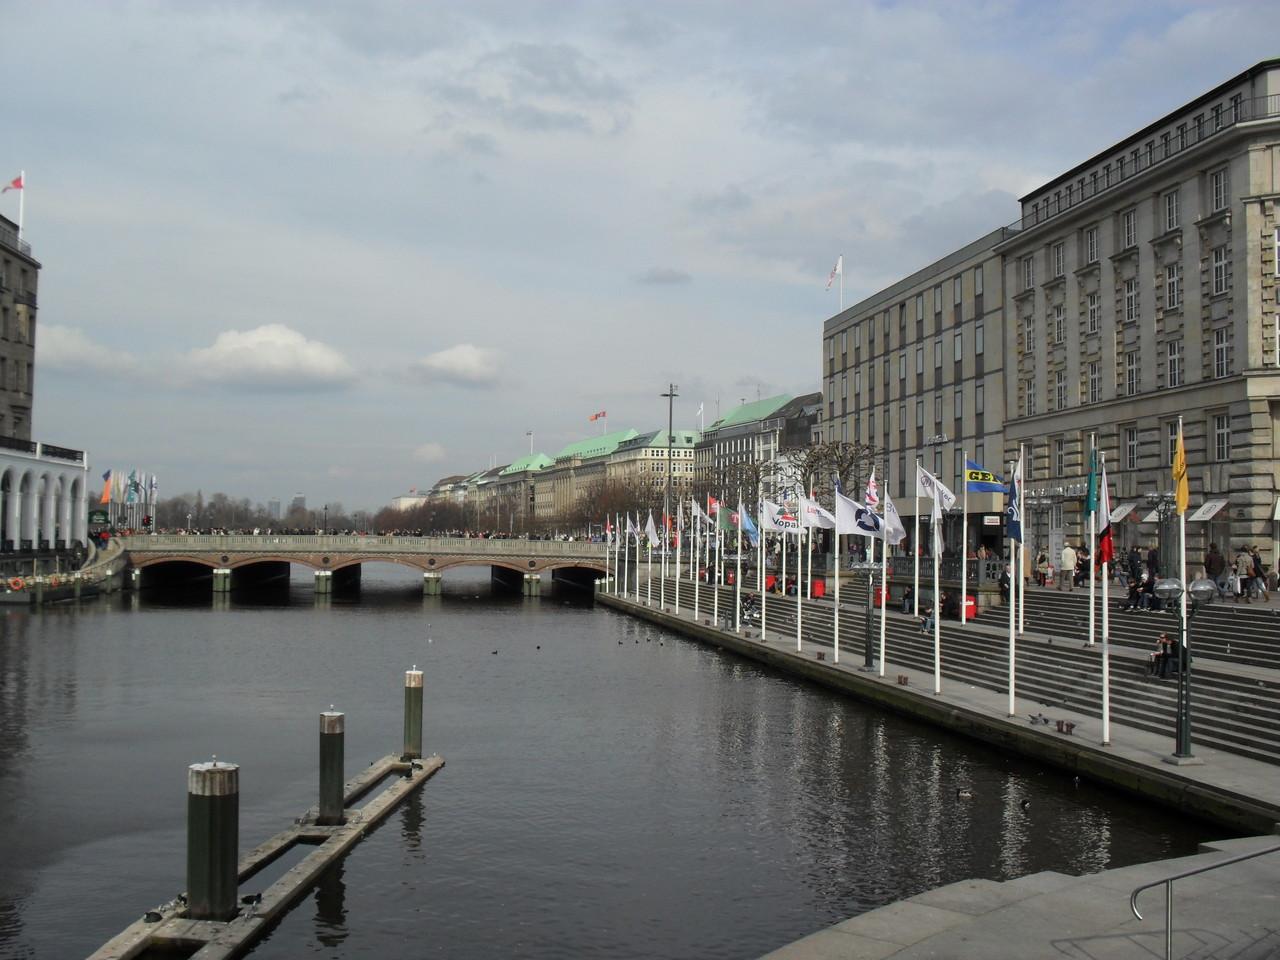 Die Alster (Hamburg, meine Heimat ... na ja, nicht ganz)